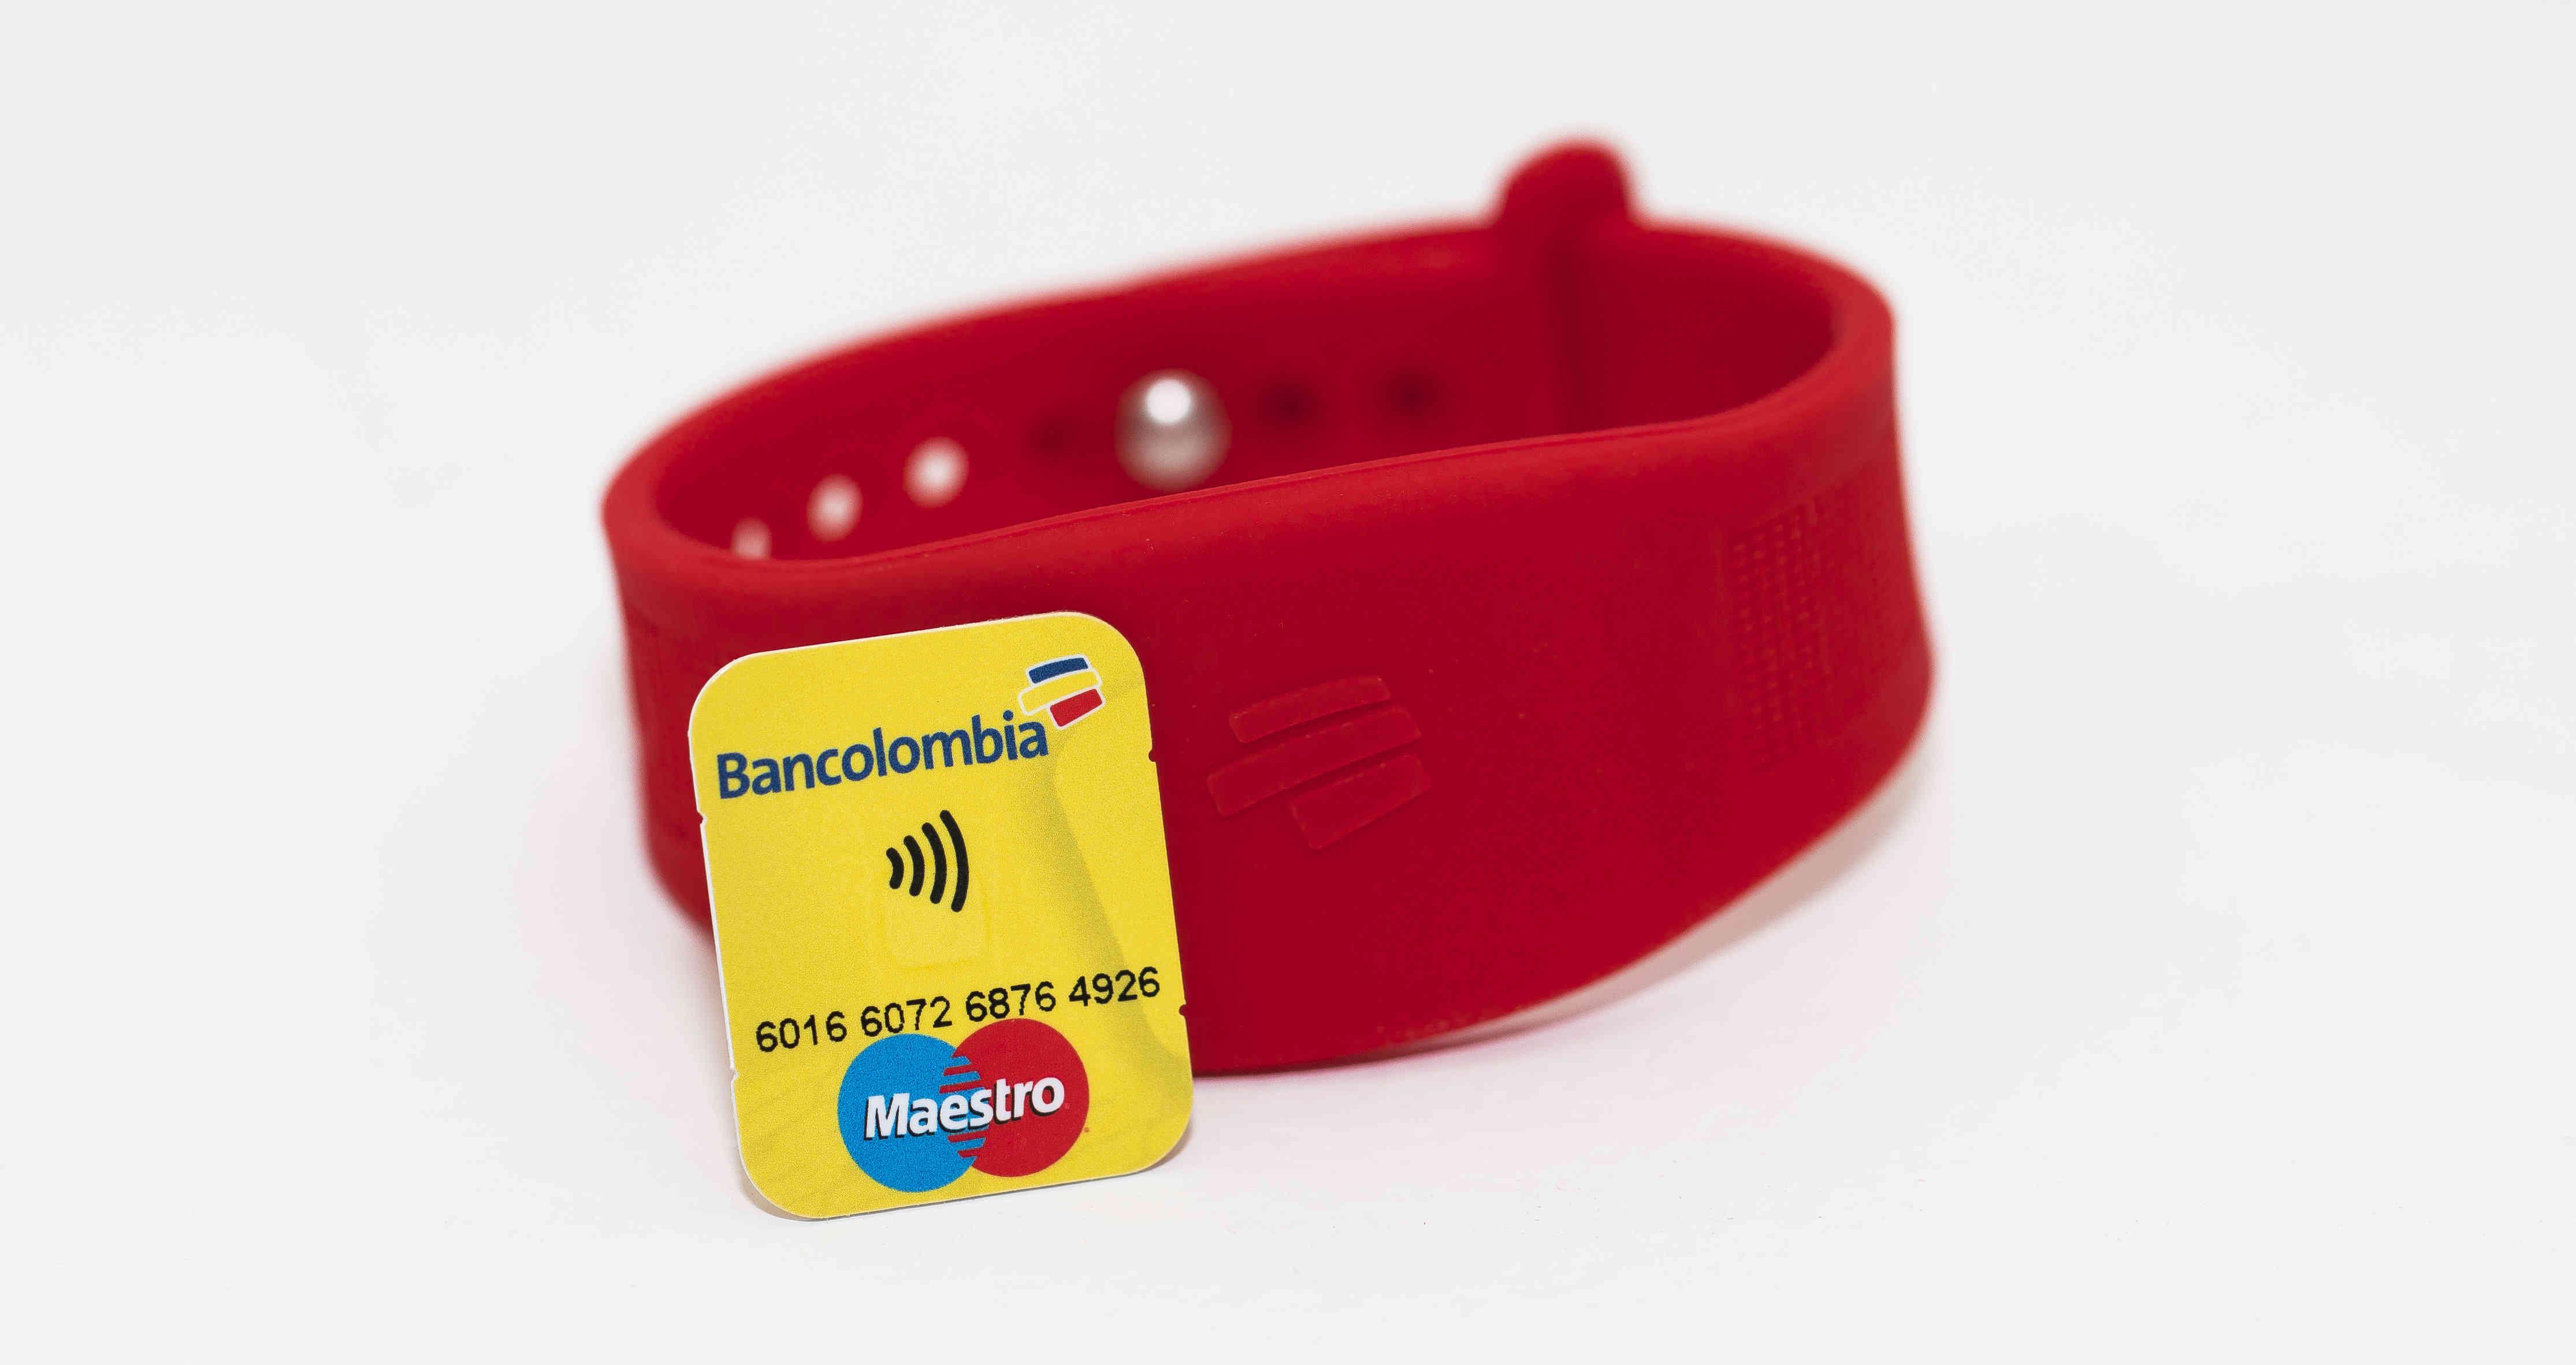 Bancolombia lanza su manilla de pagos sin contacto con tecnología NFC